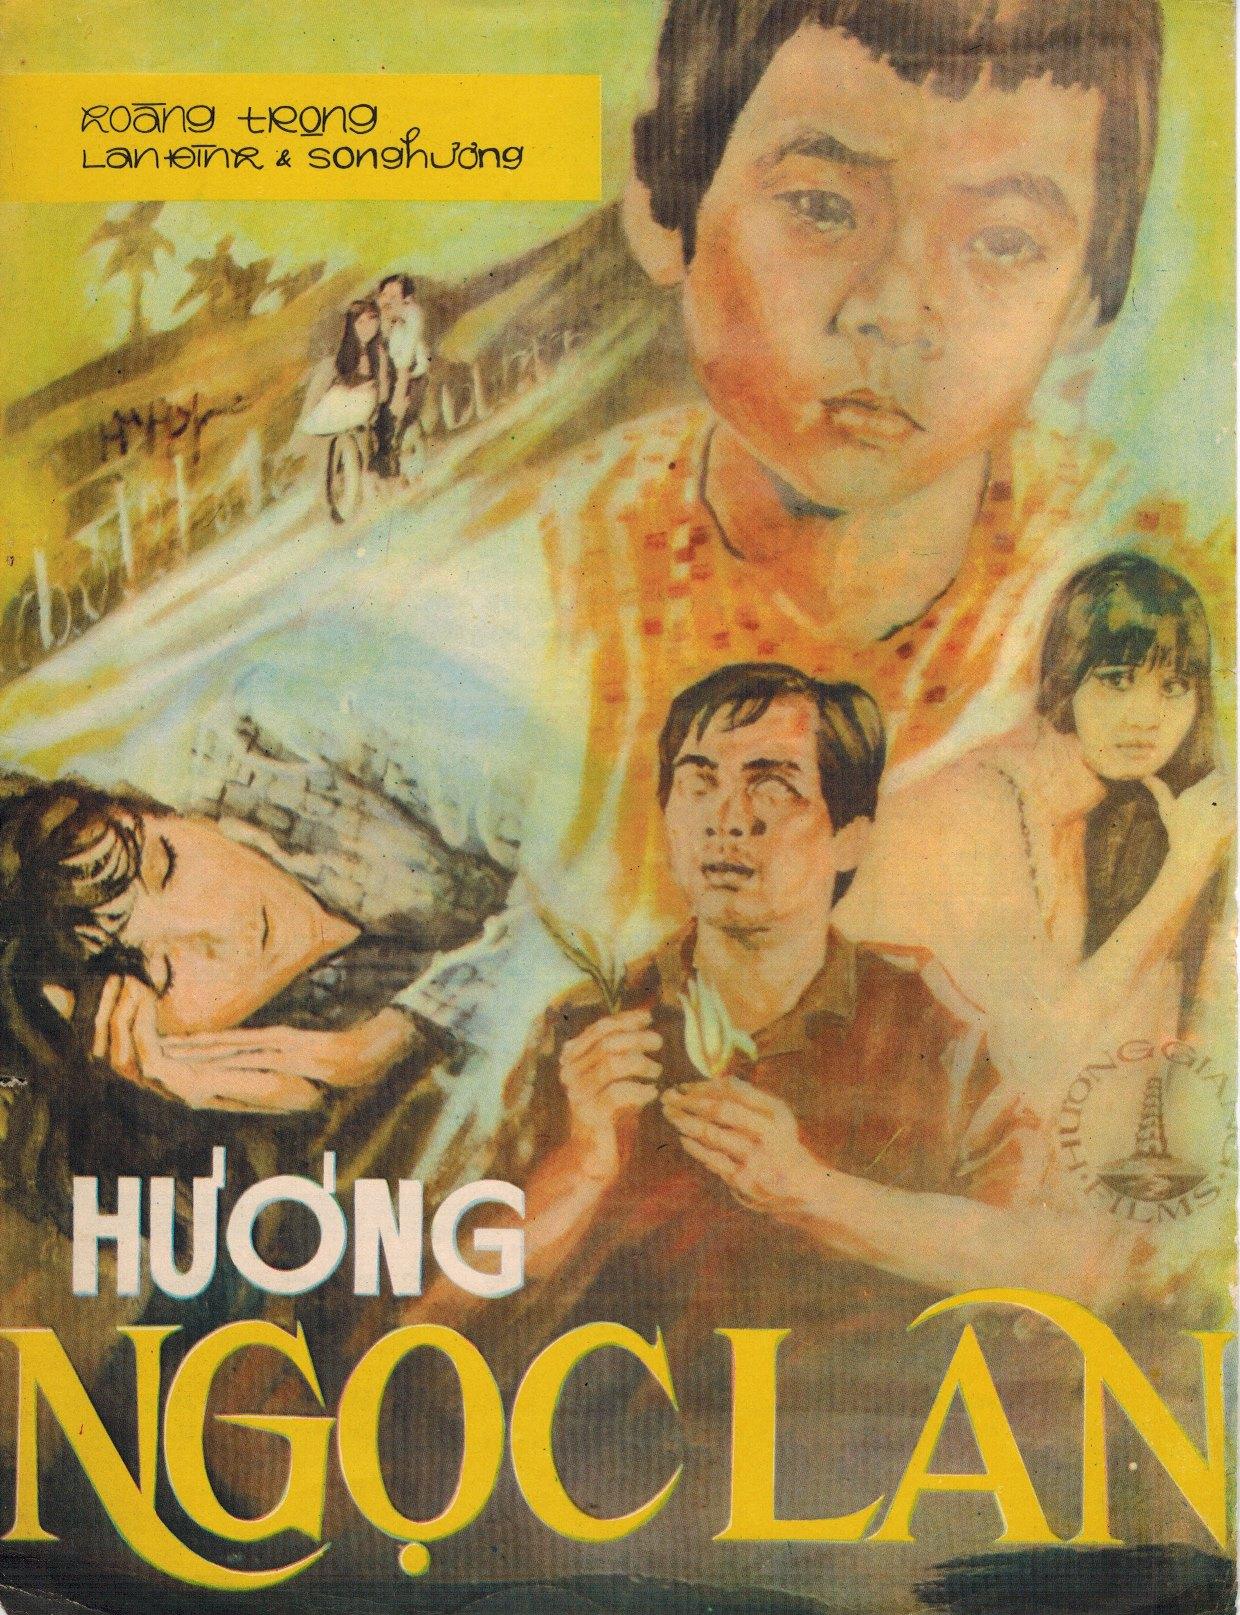 Huong-Ngoc-Lan-01.jpg